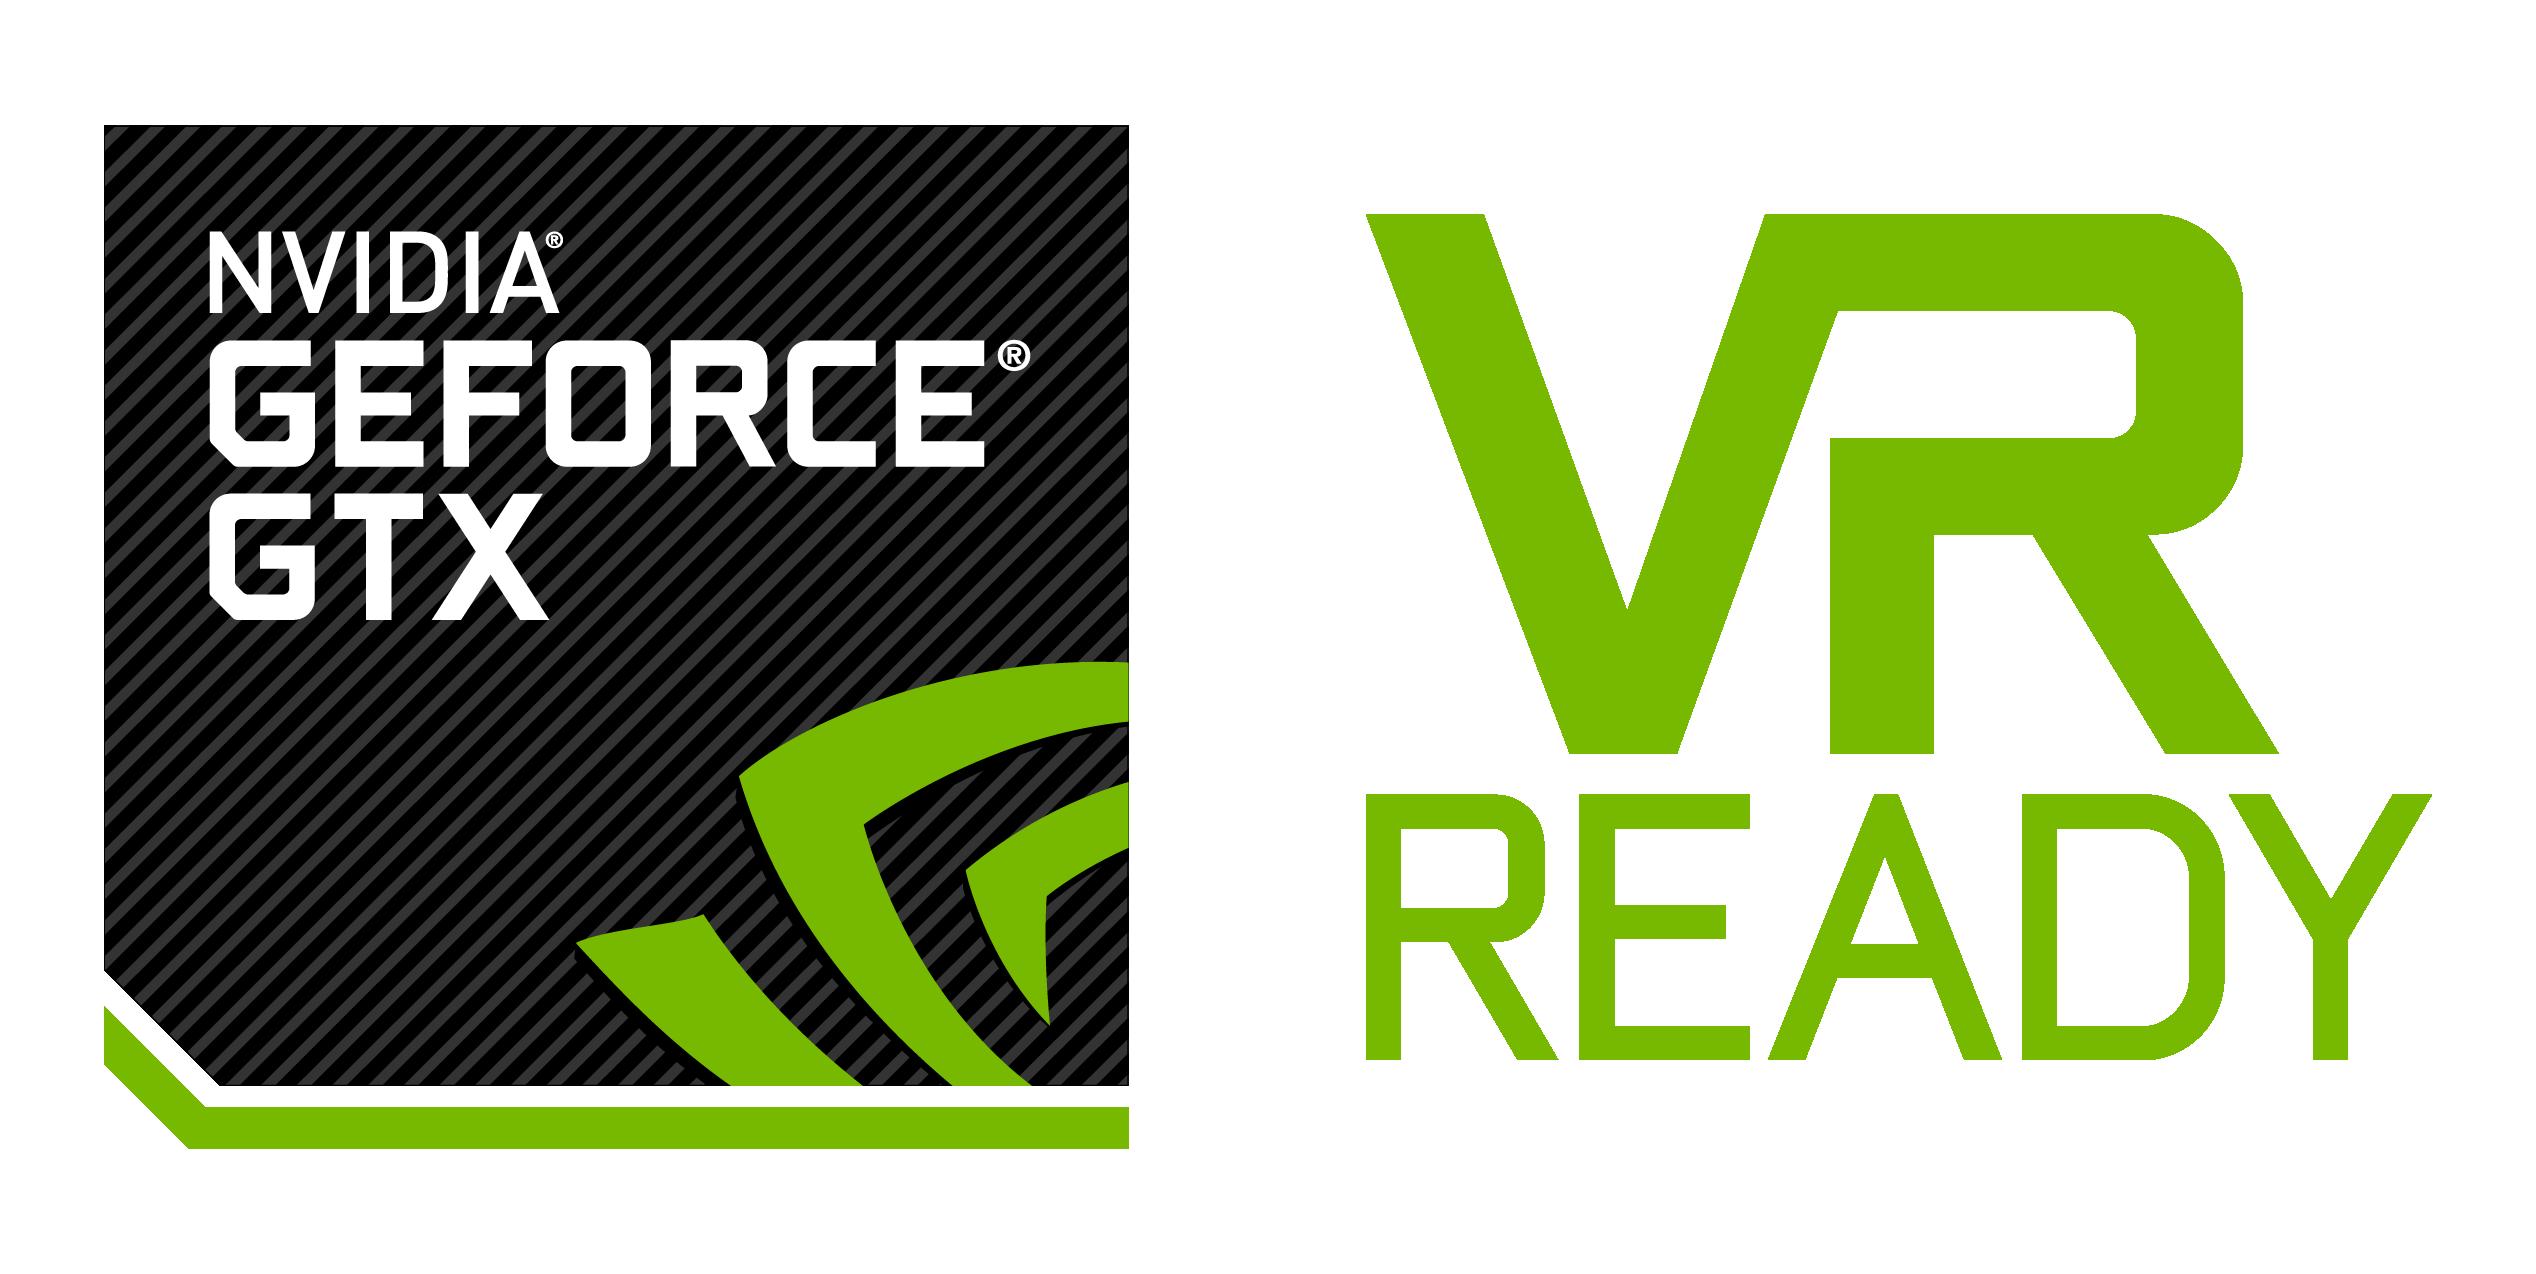 MSI VR Ready | MSI Global